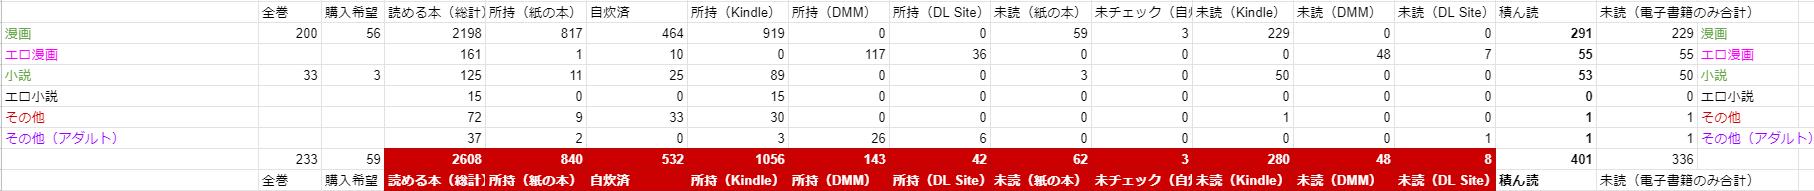 tsumihon-2021-2.png